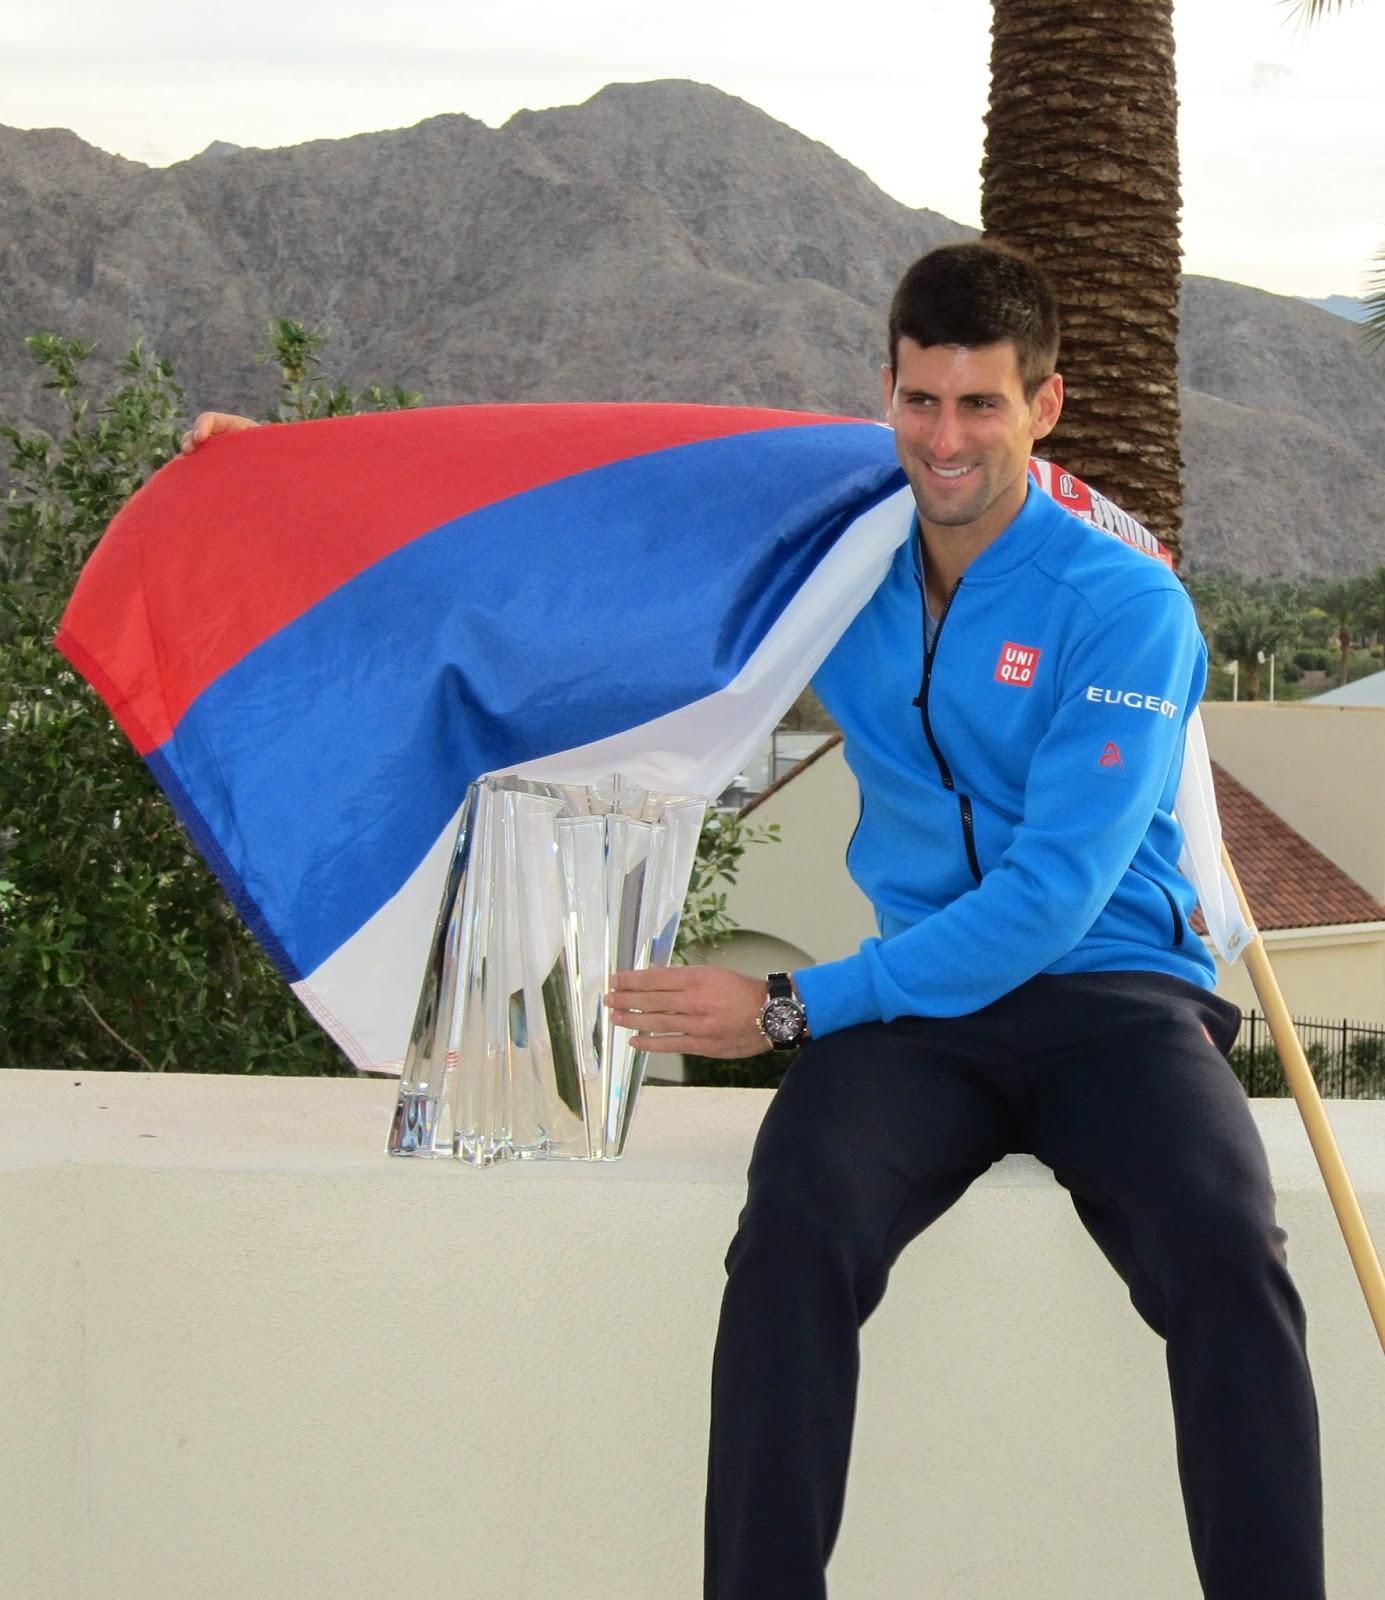 Djokovic overcomes nerves, tops Federer for title